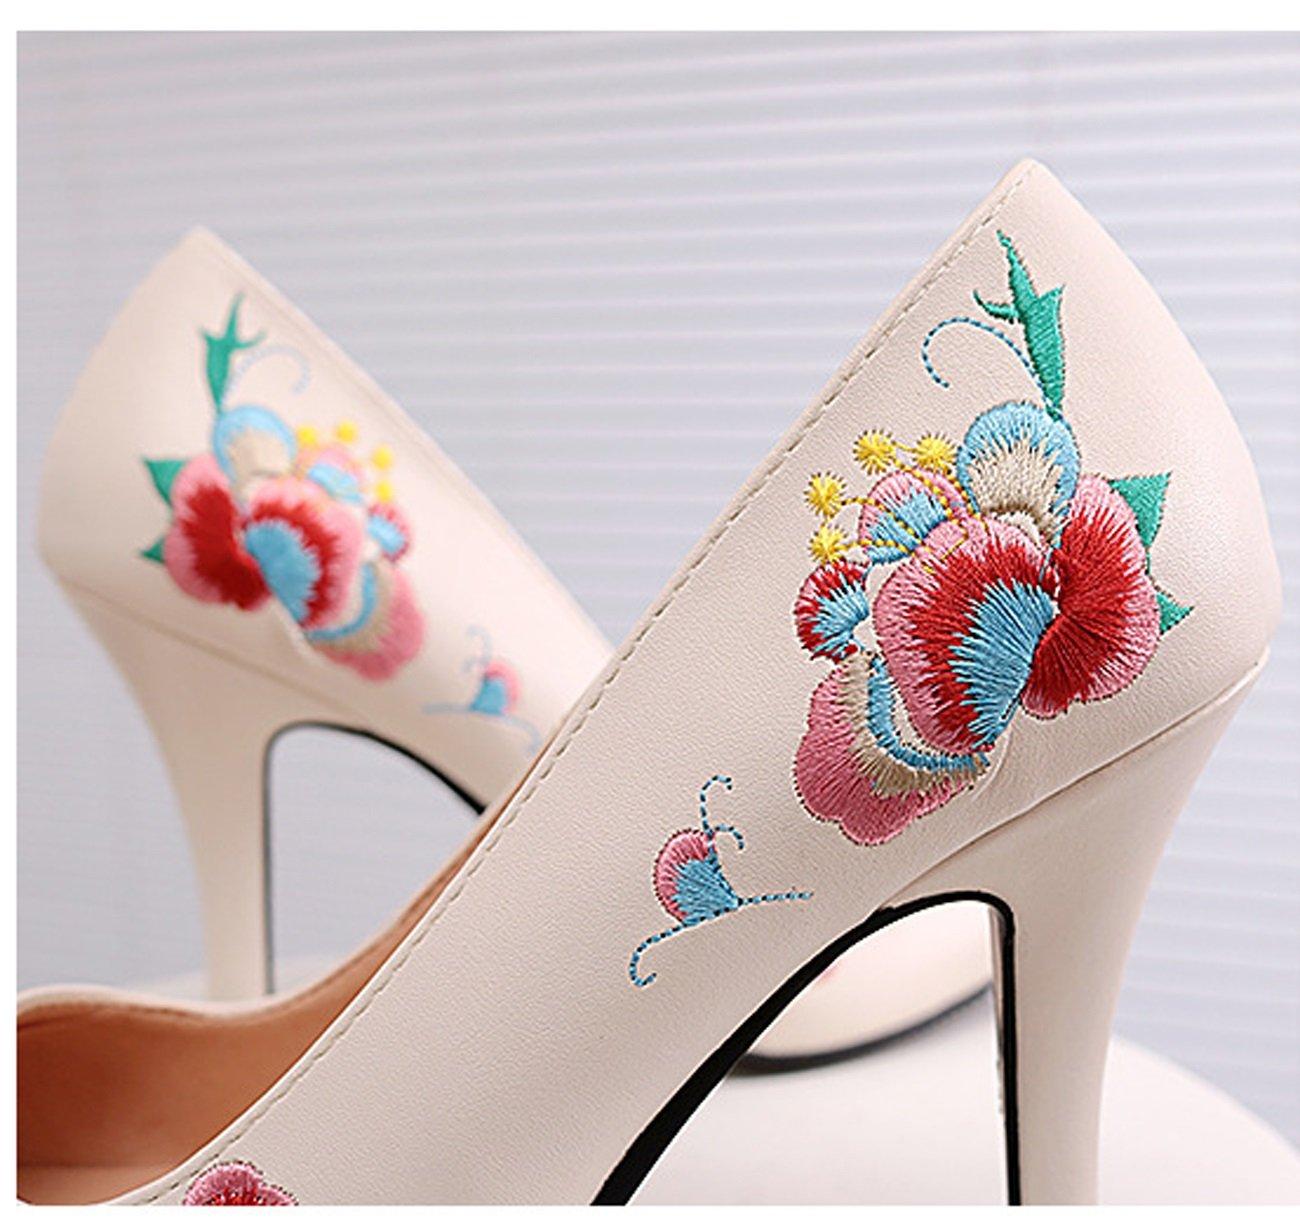 Huaishu Huaishu Huaishu Frauen Frühling Herbst Neue Schuhe Nationalen Wind Bestickt Einzelne Schuhe High Heel Stiletto Rutschfeste Bequeme Schuhe Damen Mädchen Sport Freizeit Sportschuhe e62fe1